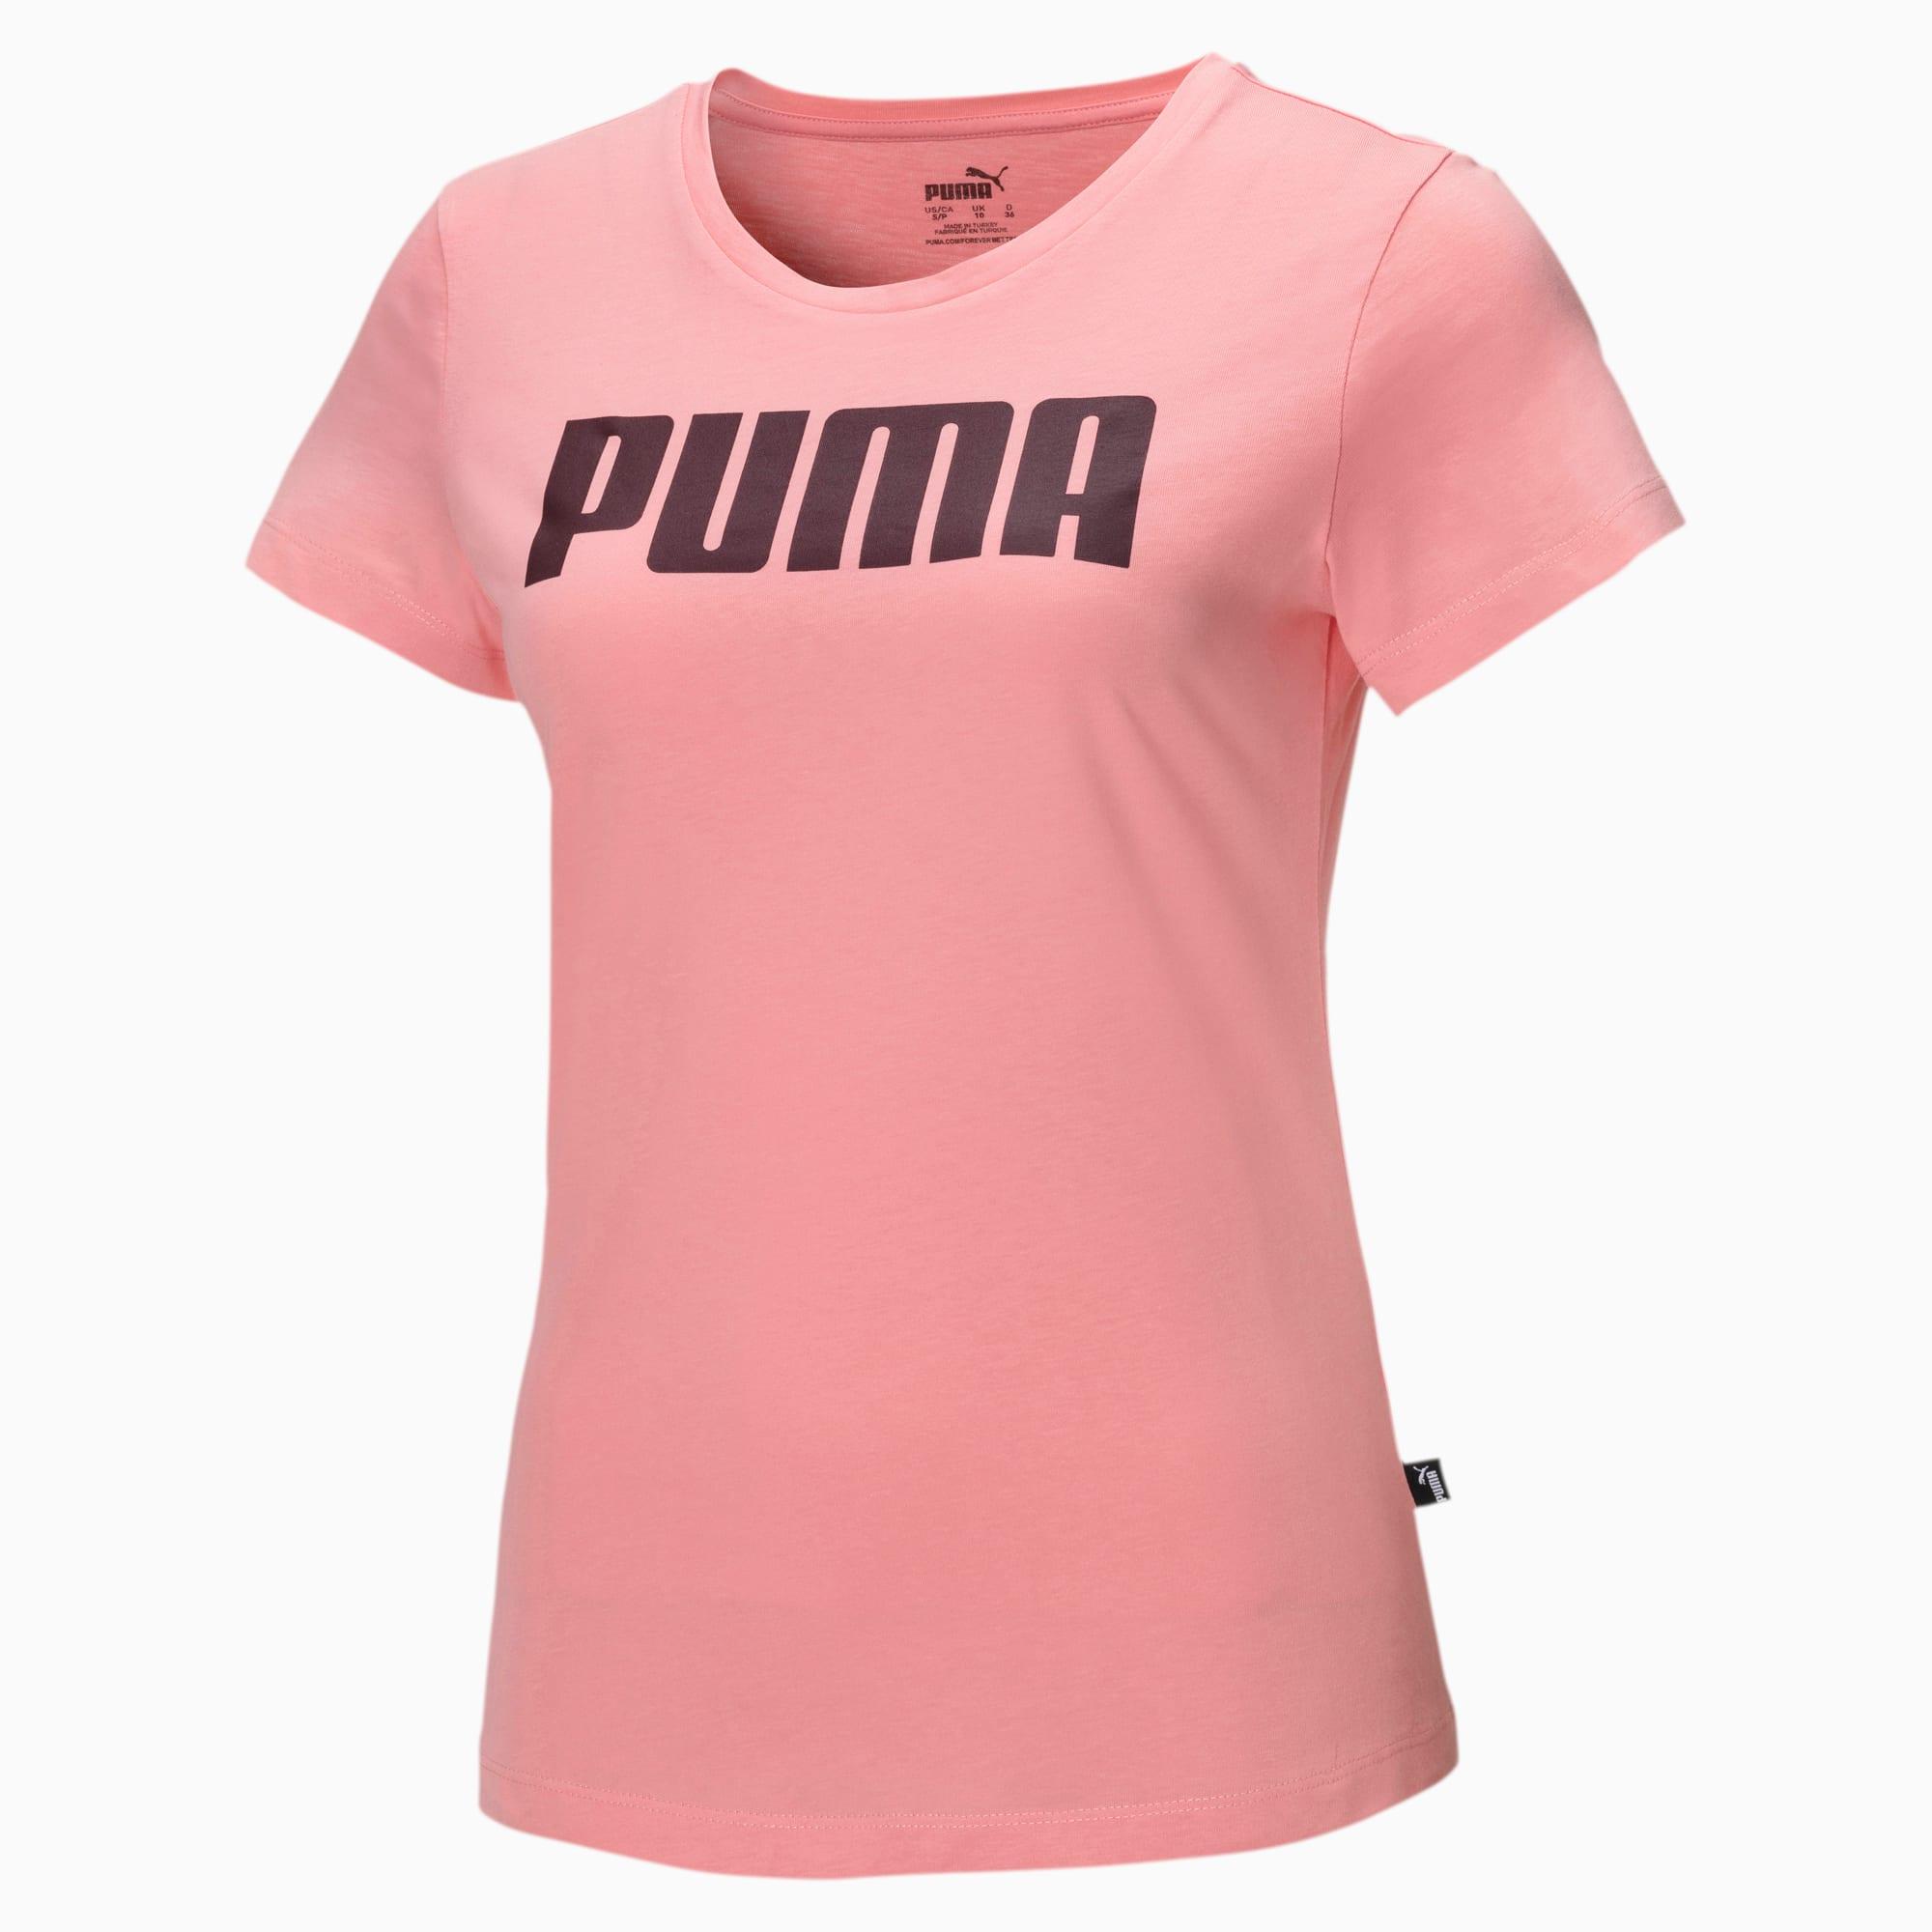 puma -  Essentials Damen T-Shirt | Mit Aucun | Rosa | Größe: M